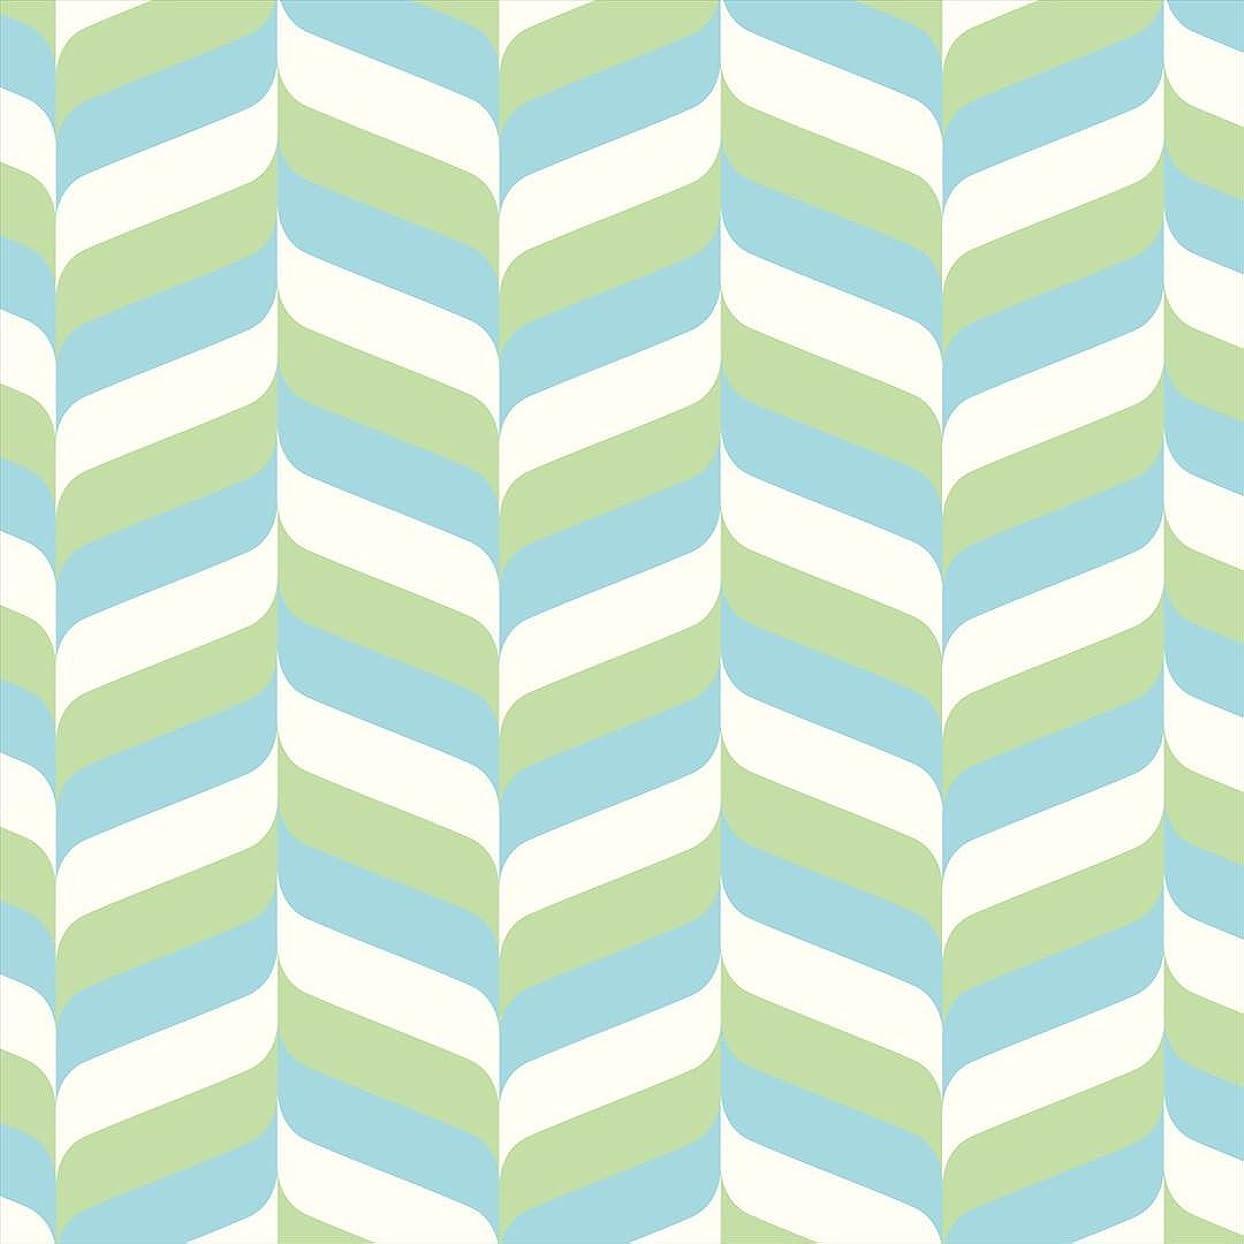 ラフト物理違反ポスター ウォールステッカー 正方形 シール式ステッカー 飾り 30×30cm Ssize 壁 インテリア おしゃれ 剥がせる wall sticker poster 木目 黄緑 水色 模様 007014